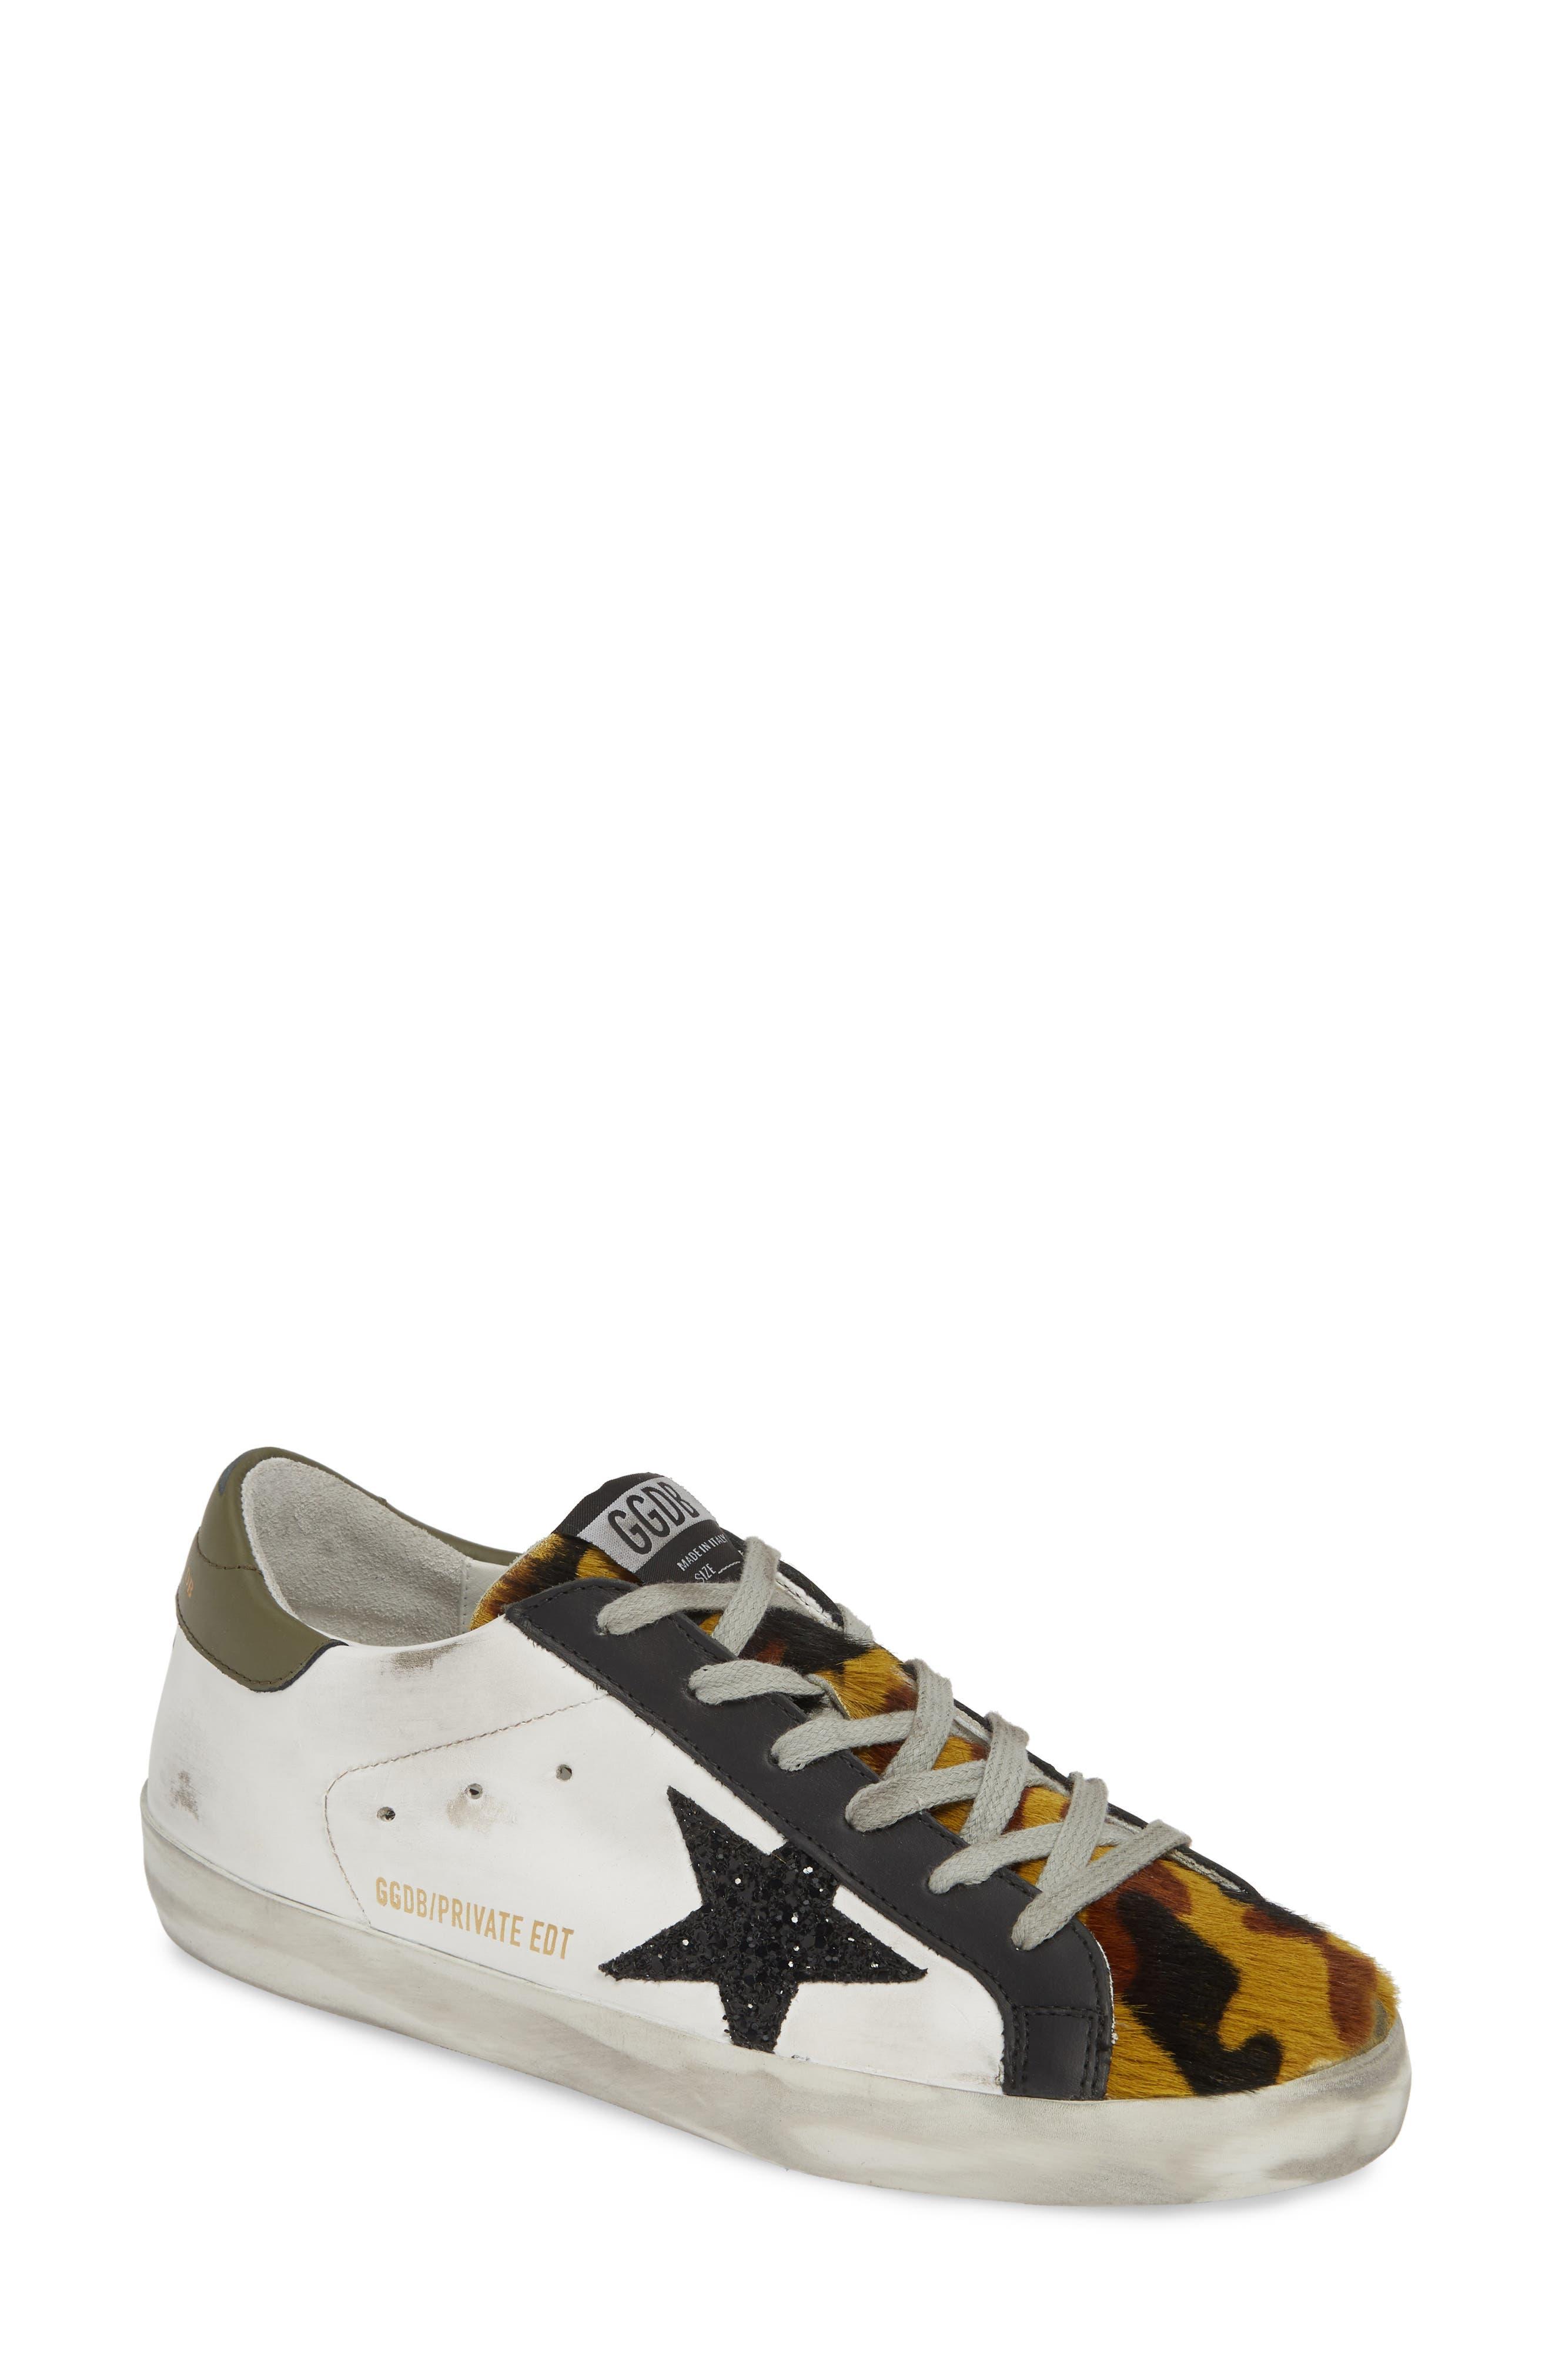 GOLDEN GOOSE,                             Superstar Genuine Calf Hair Sneaker,                             Main thumbnail 1, color,                             WHITE/ CAMO